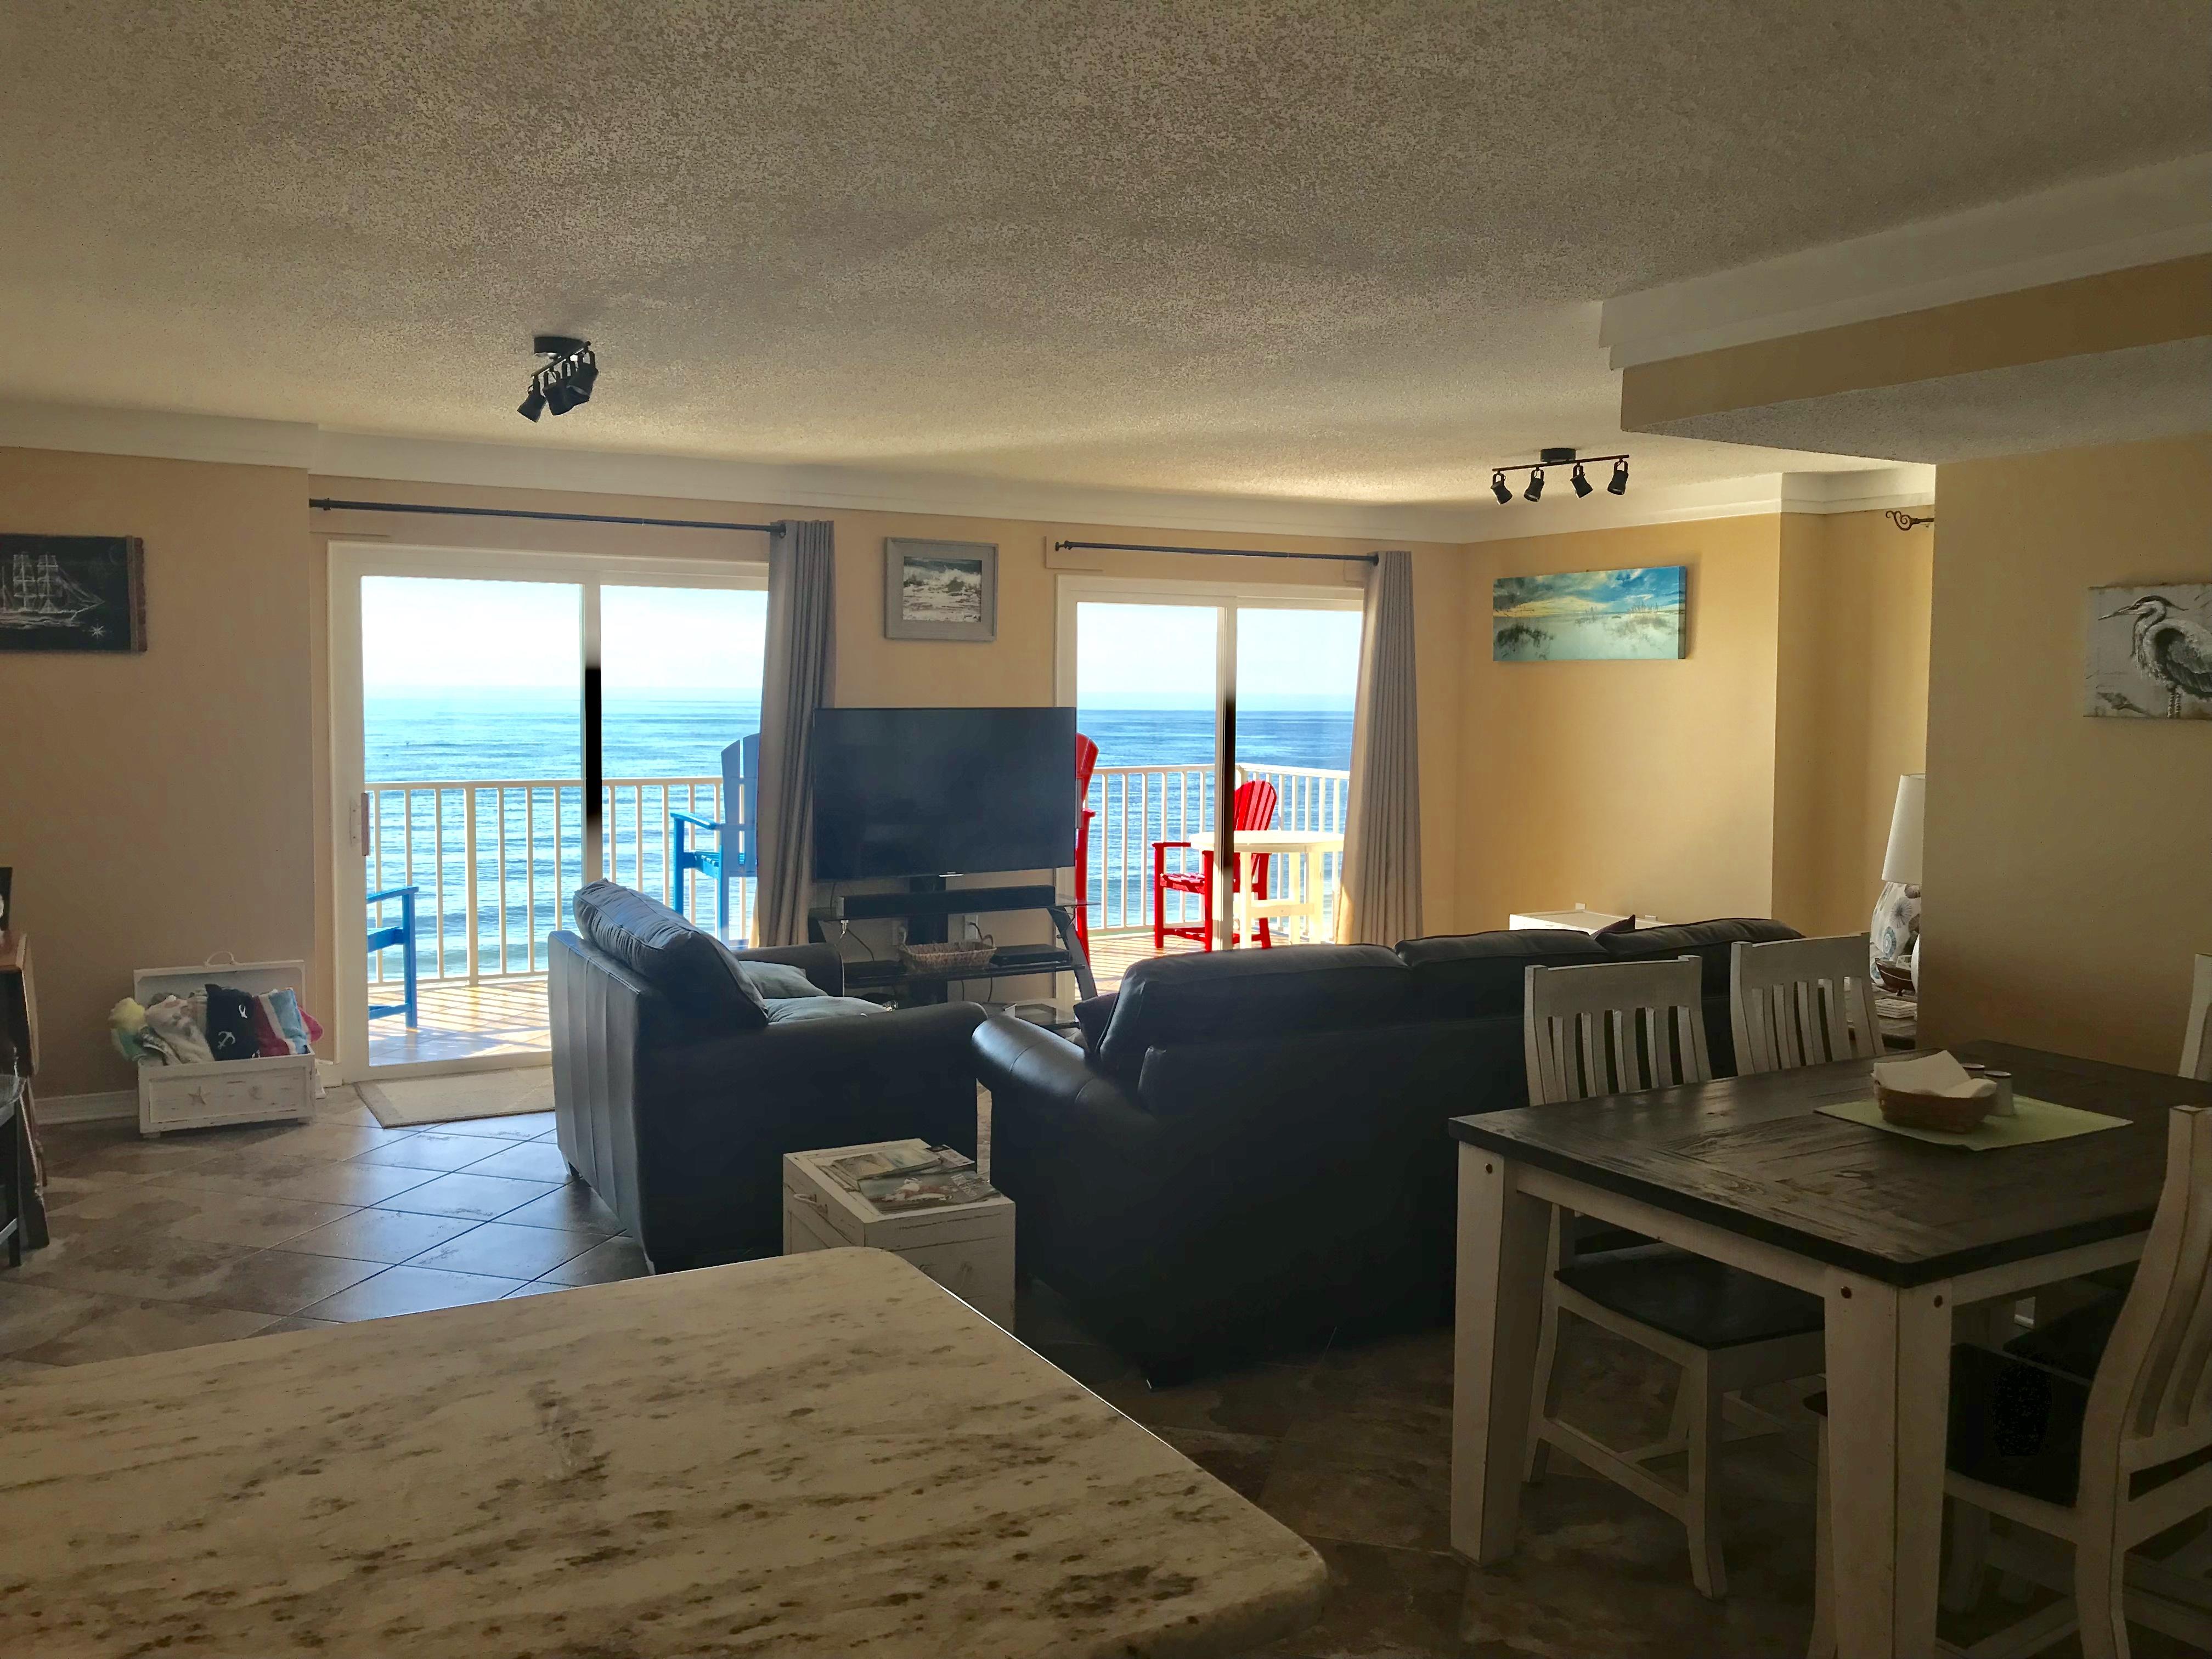 Ocean House 2606 Condo rental in Ocean House - Gulf Shores in Gulf Shores Alabama - #5